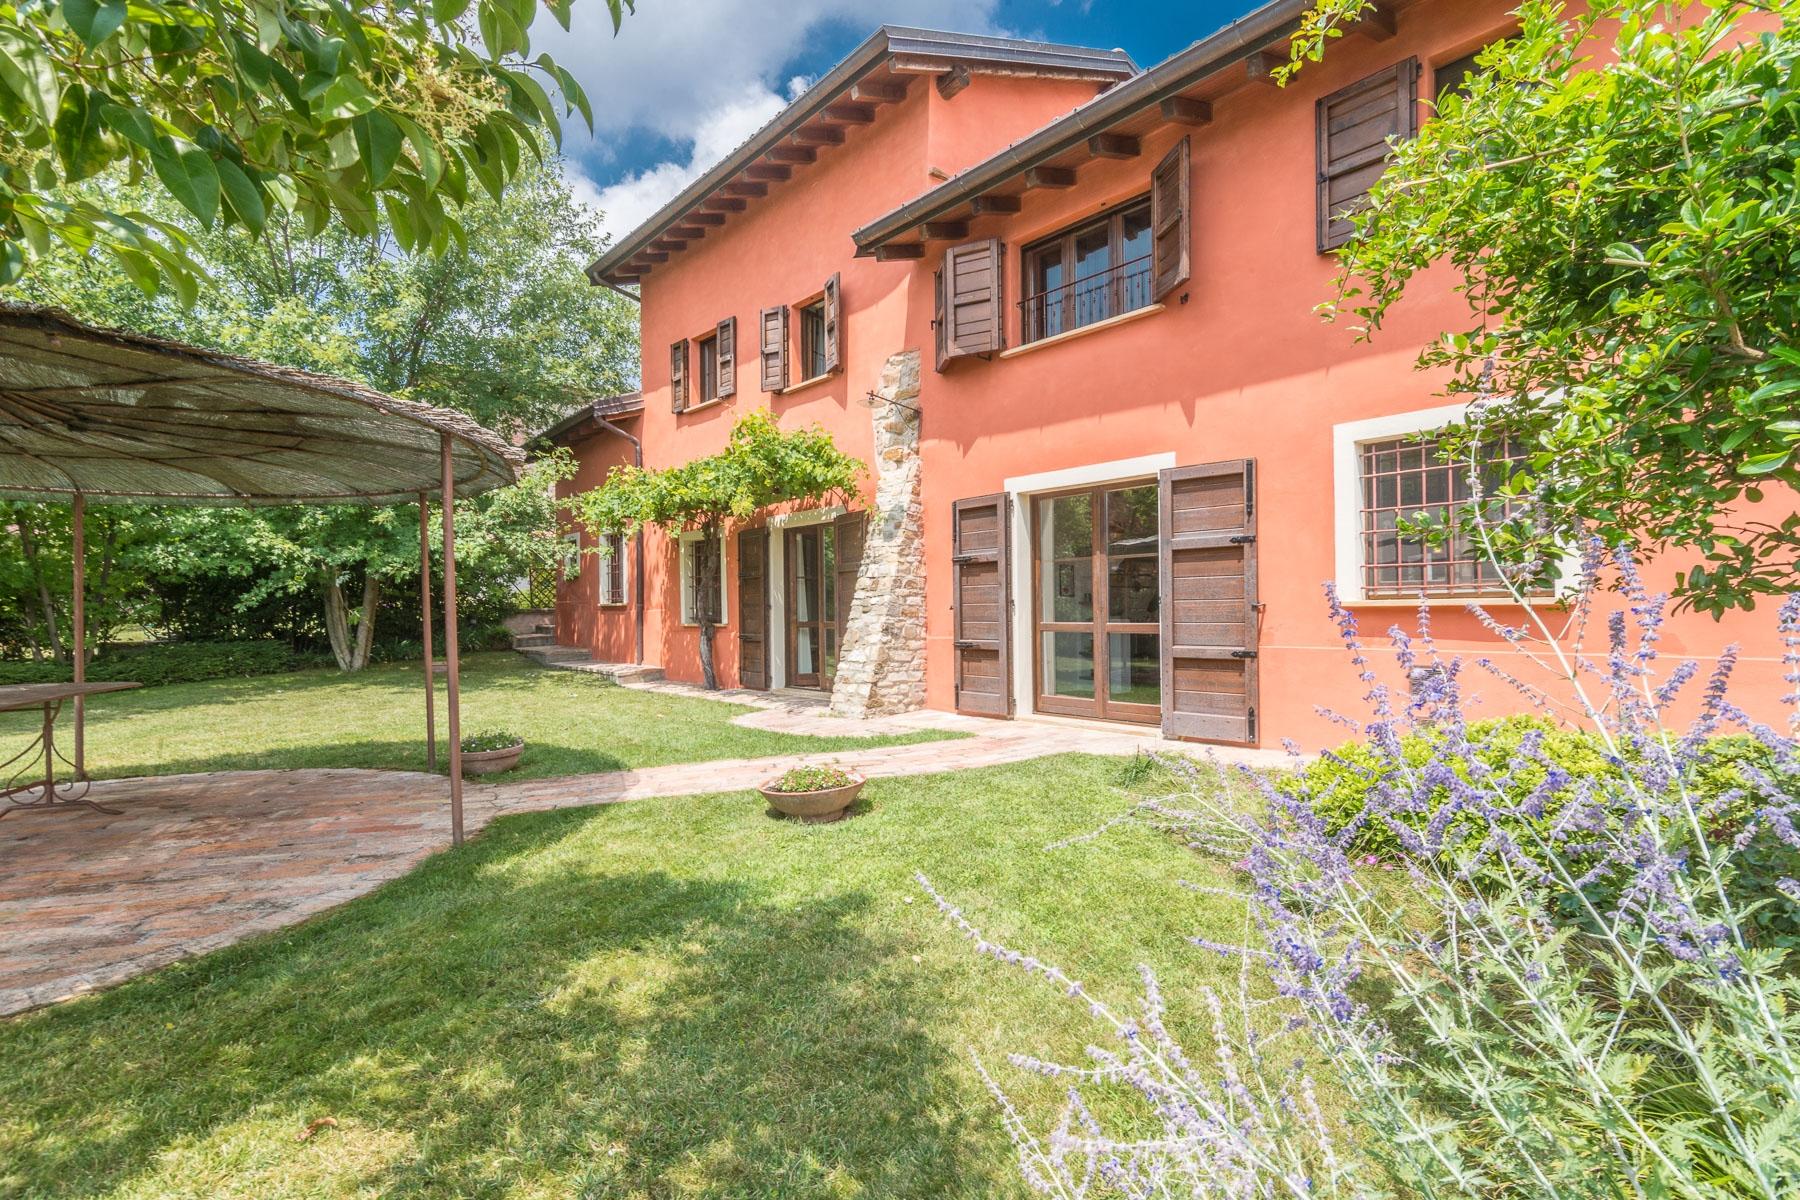 Casa indipendente in Vendita a Ziano Piacentino: 5 locali, 260 mq - Foto 5